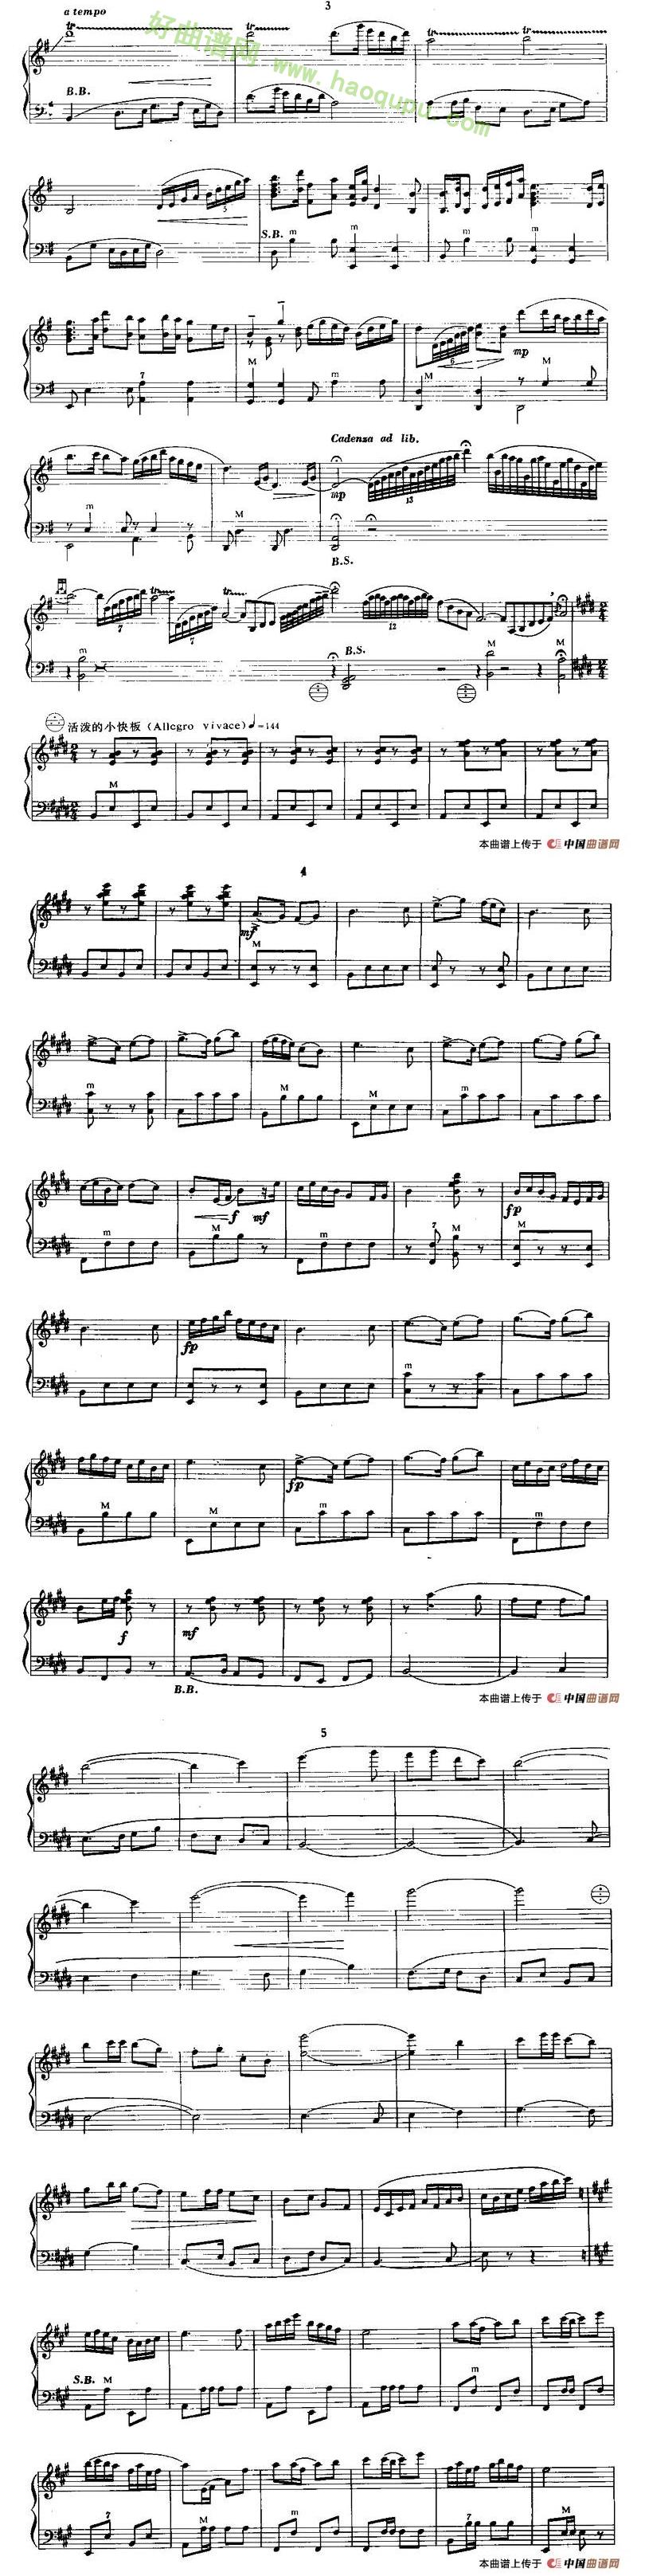 《梁山伯与祝英台》 手风琴曲谱第2张